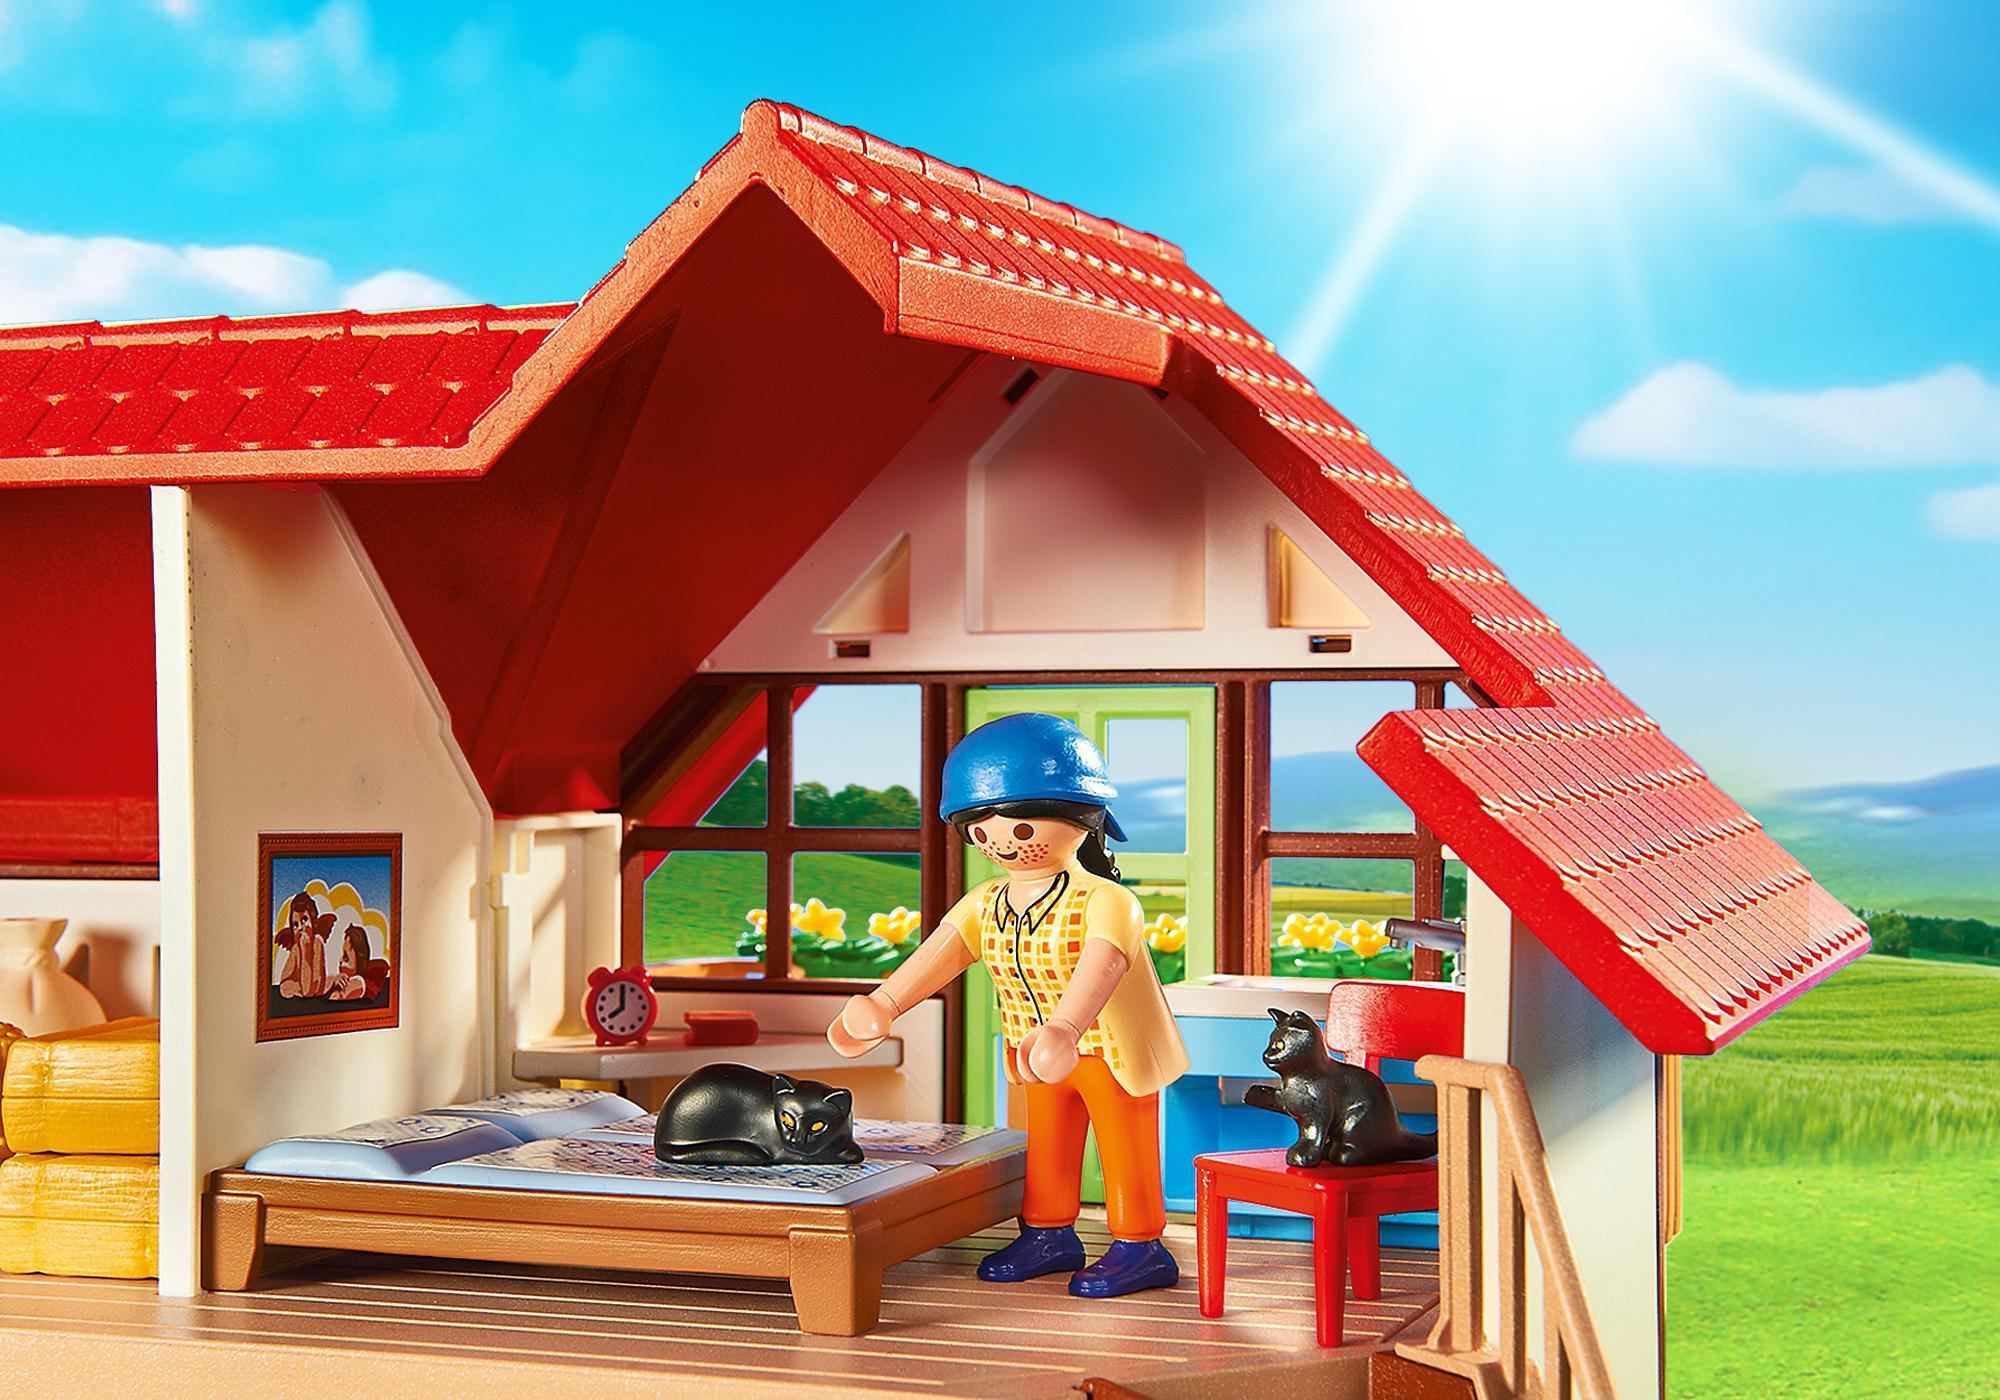 http://media.playmobil.com/i/playmobil/6120_product_extra2/Large Farm